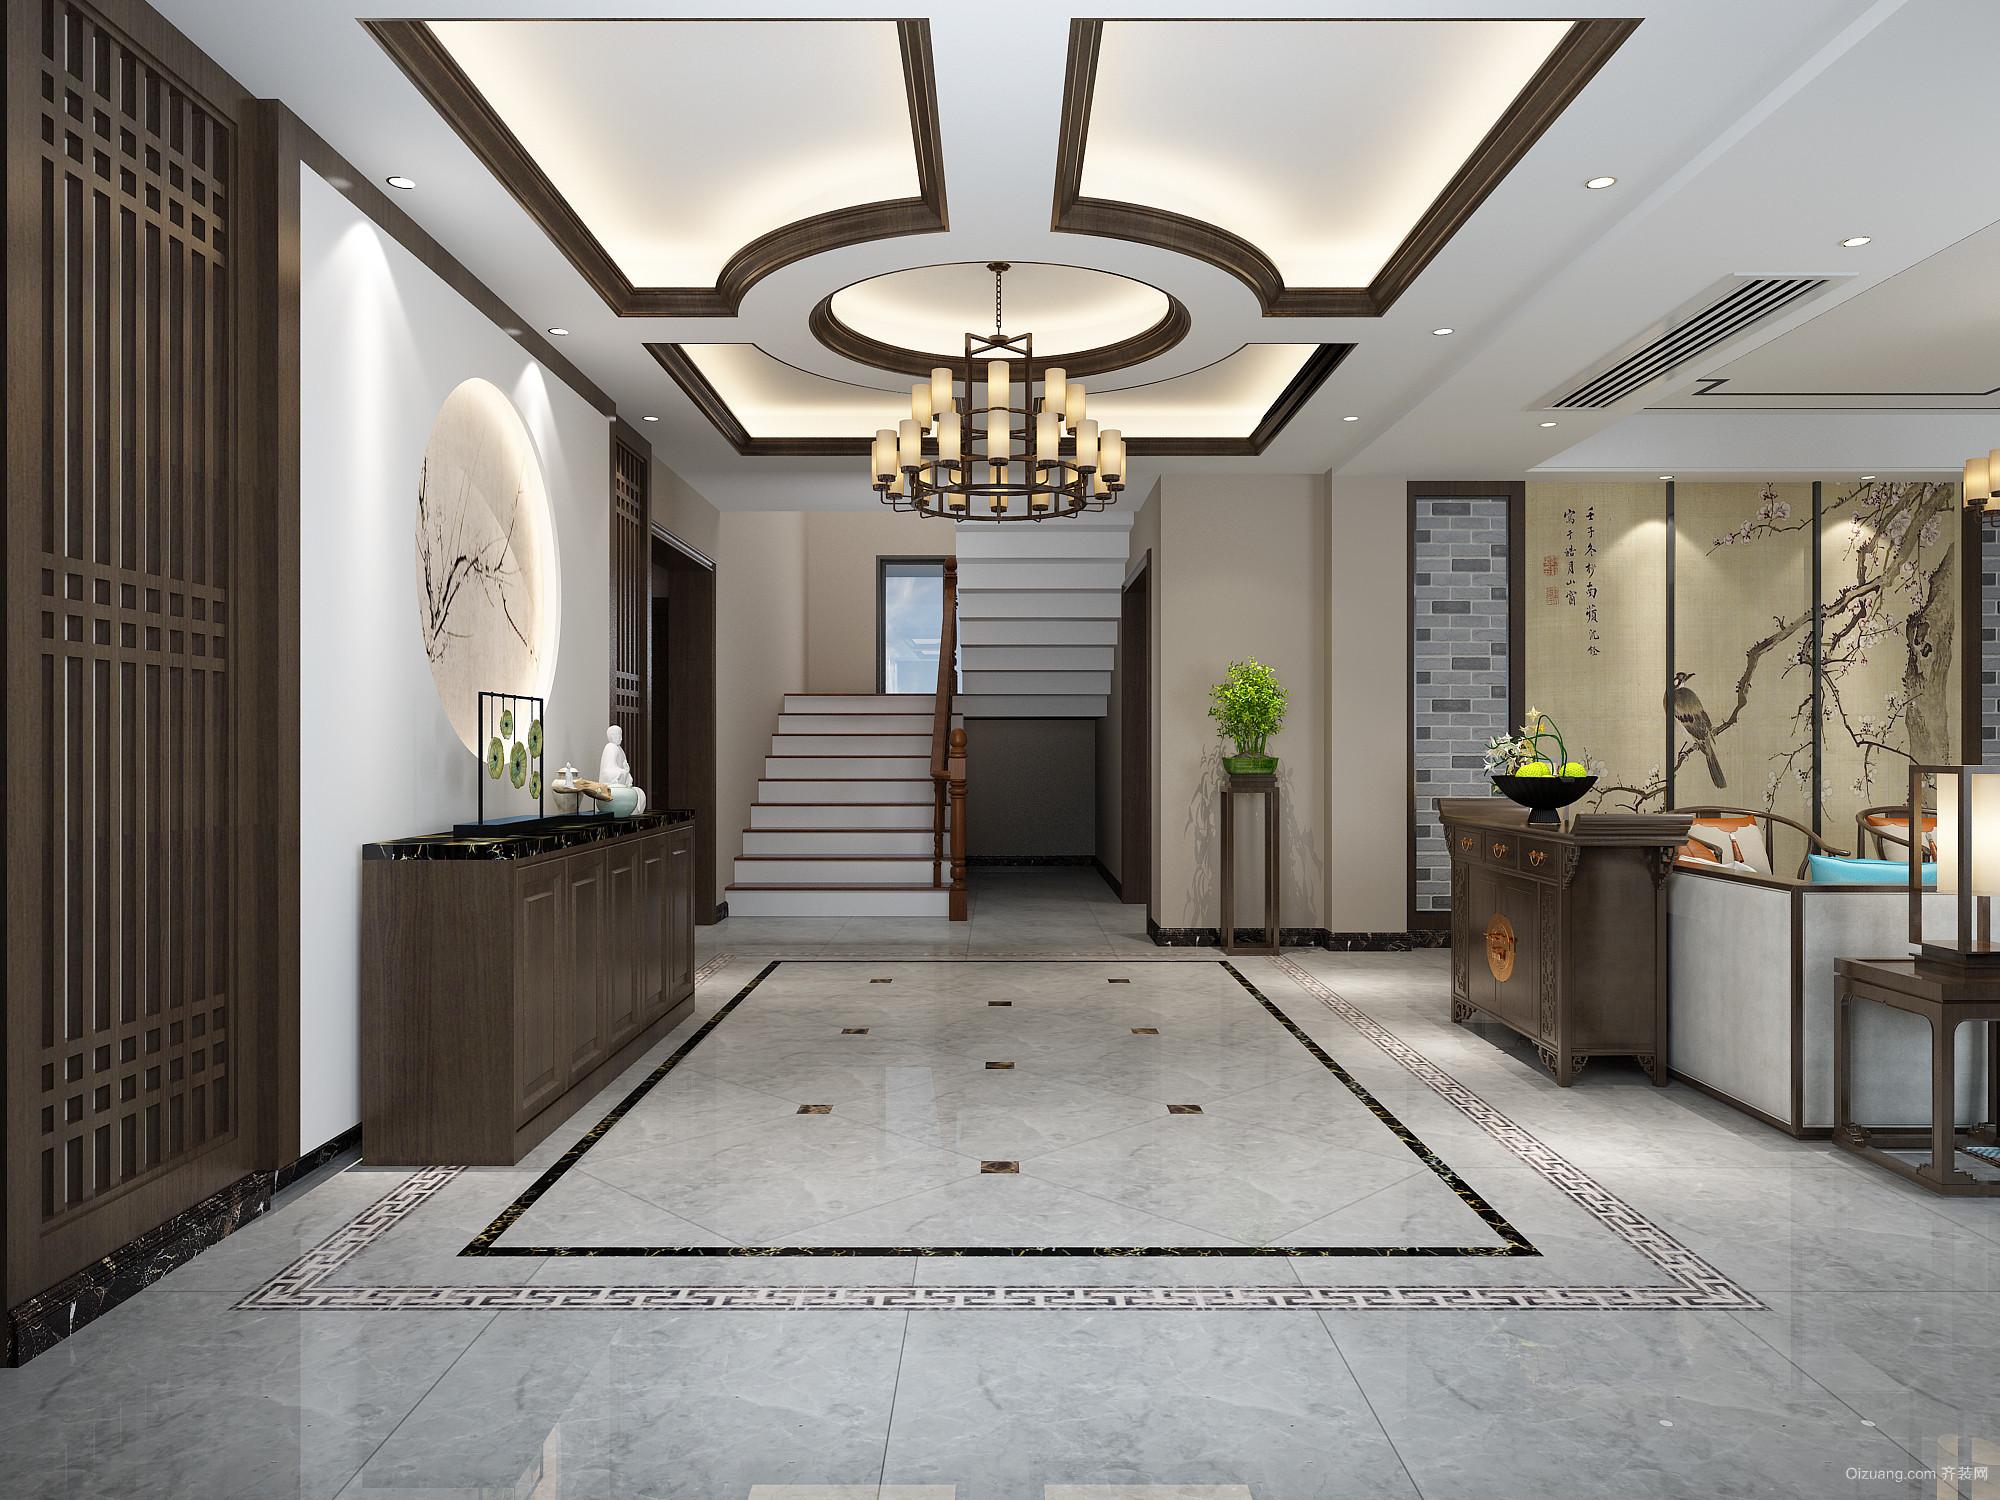 王庄自建别墅中式风格装修效果图实景图